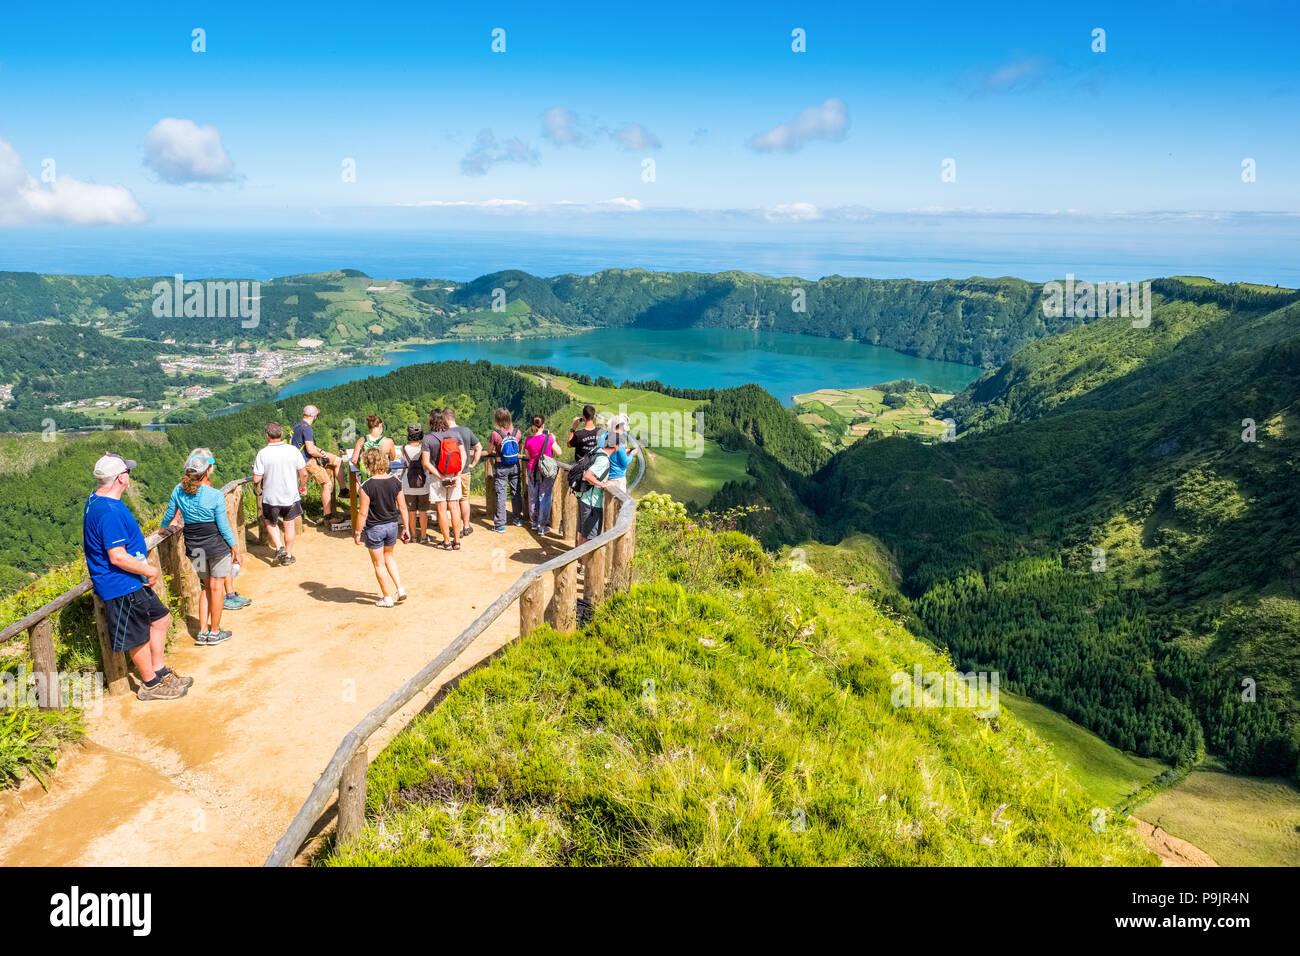 Les touristes à un point de vue sur Sete Cidades, deux lacs et un village dans le cratère d'un volcan dormant sur l'île de Sao Miguel, Açores Photo Stock